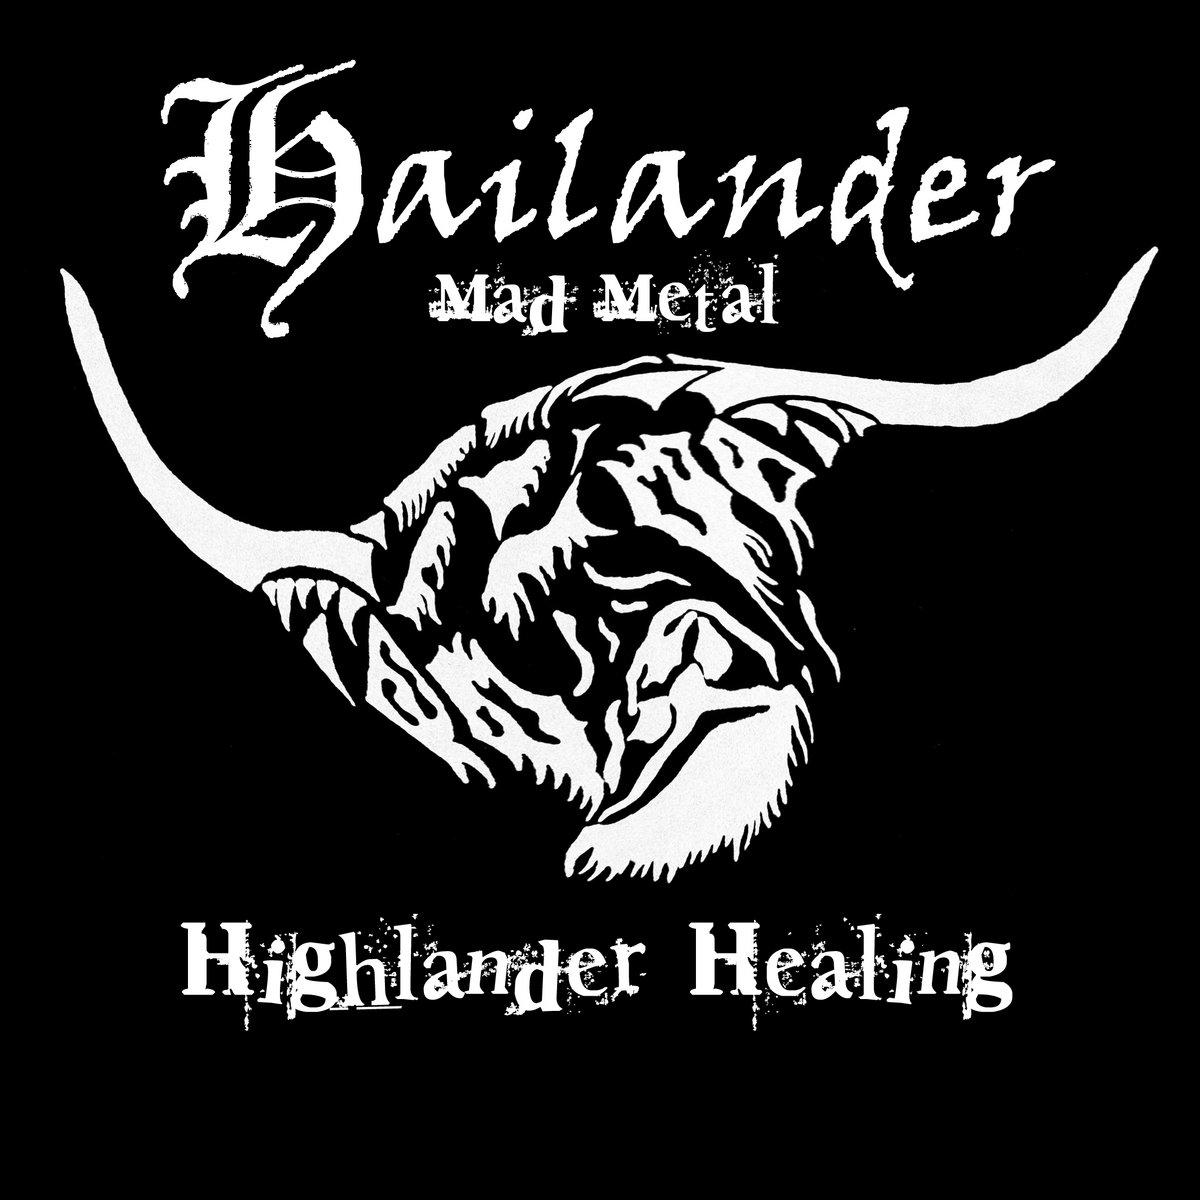 Hailander - Highlander Healing